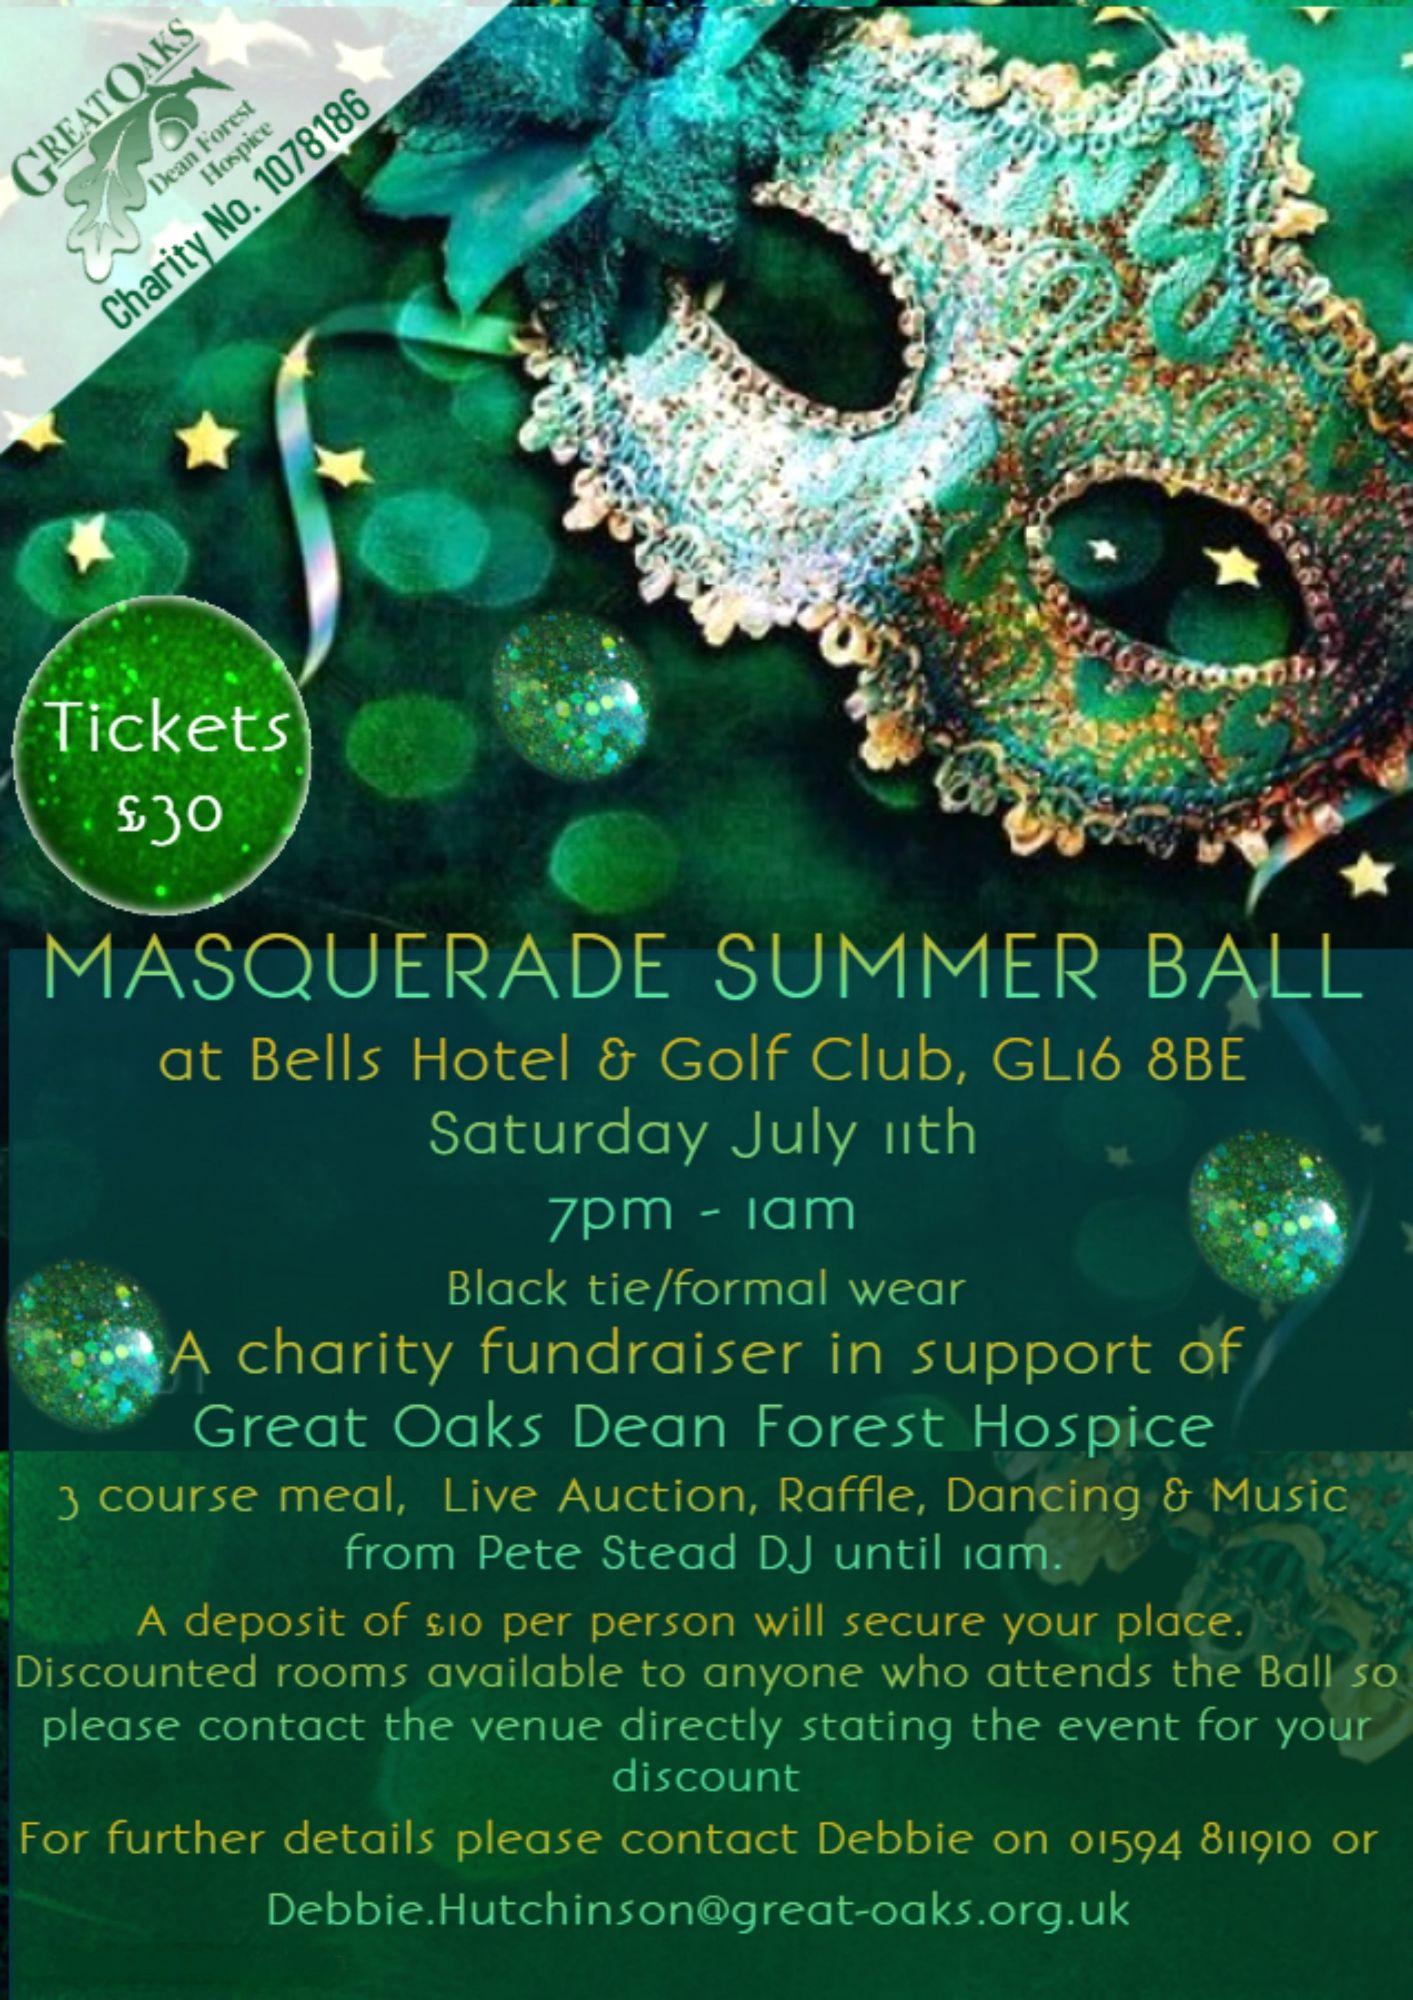 Masquerade Summer Ball